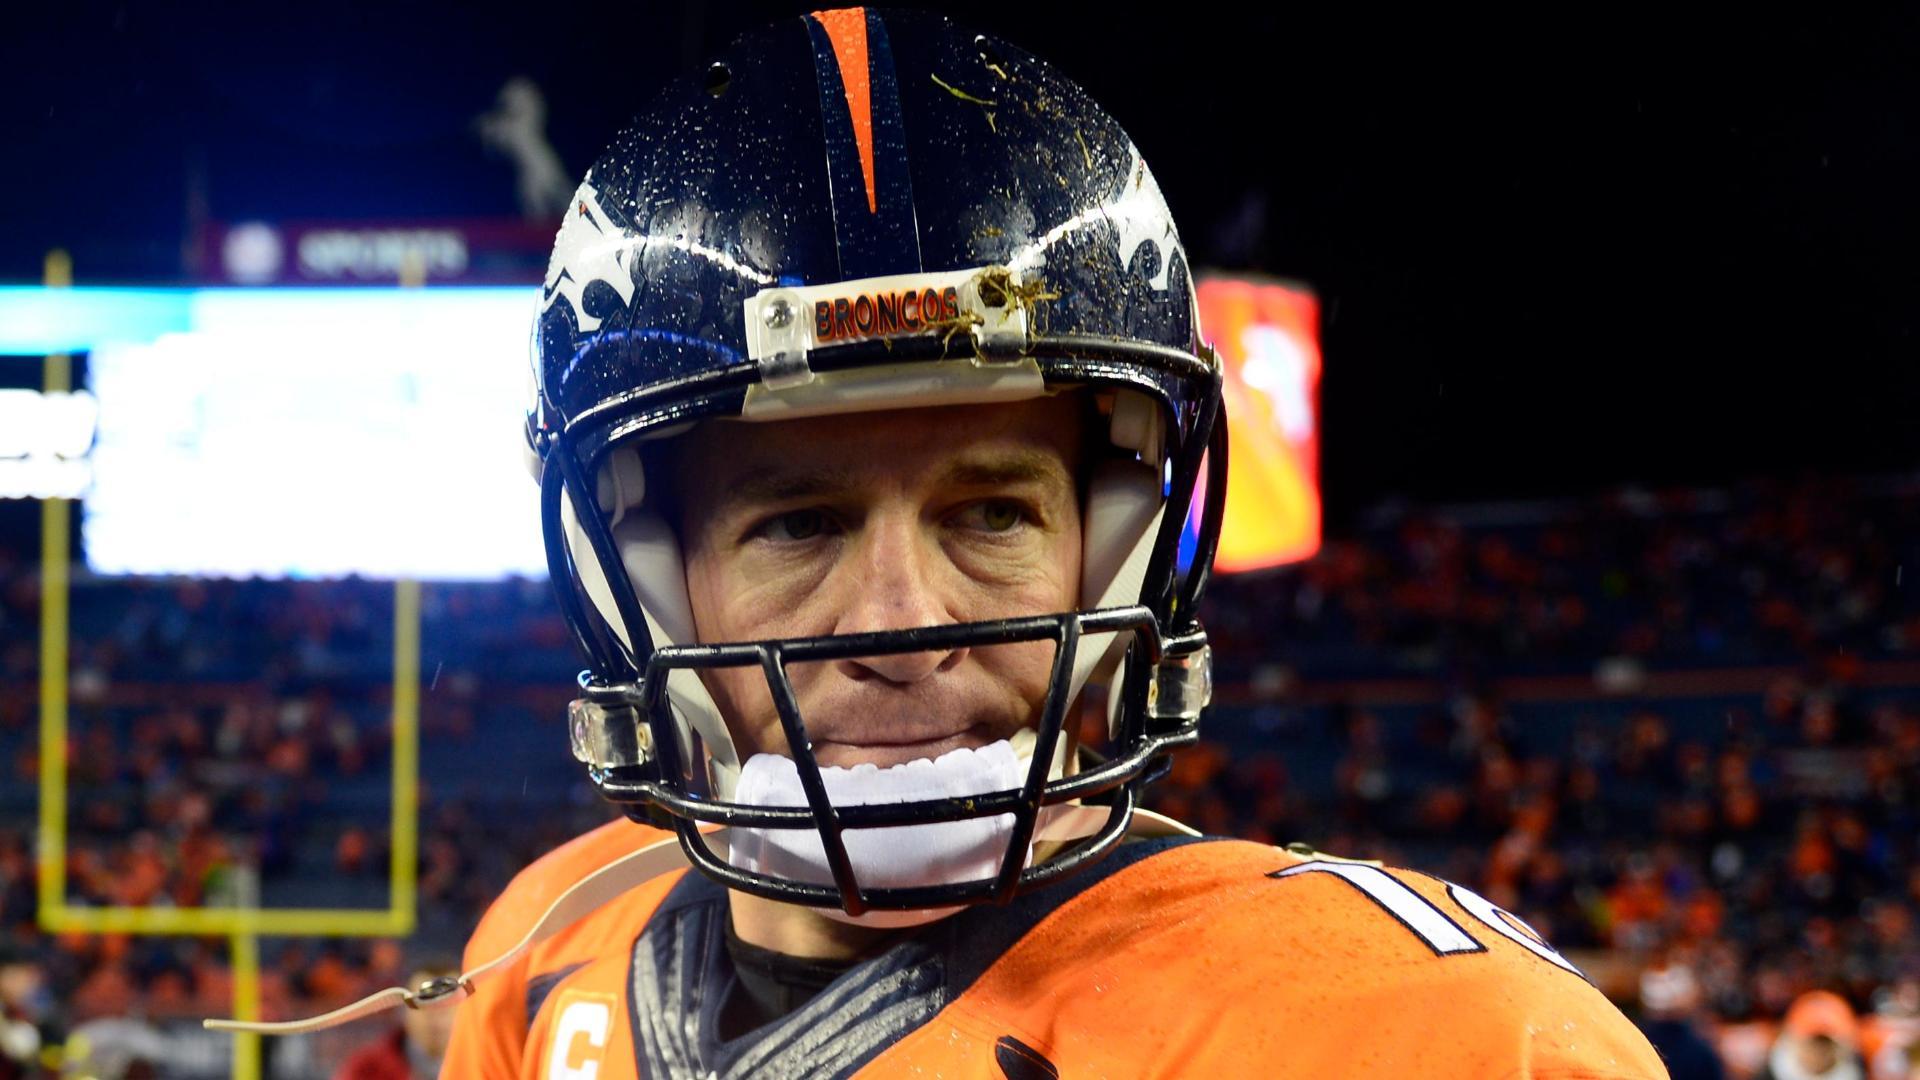 Has Peyton Manning Played His Last Game?